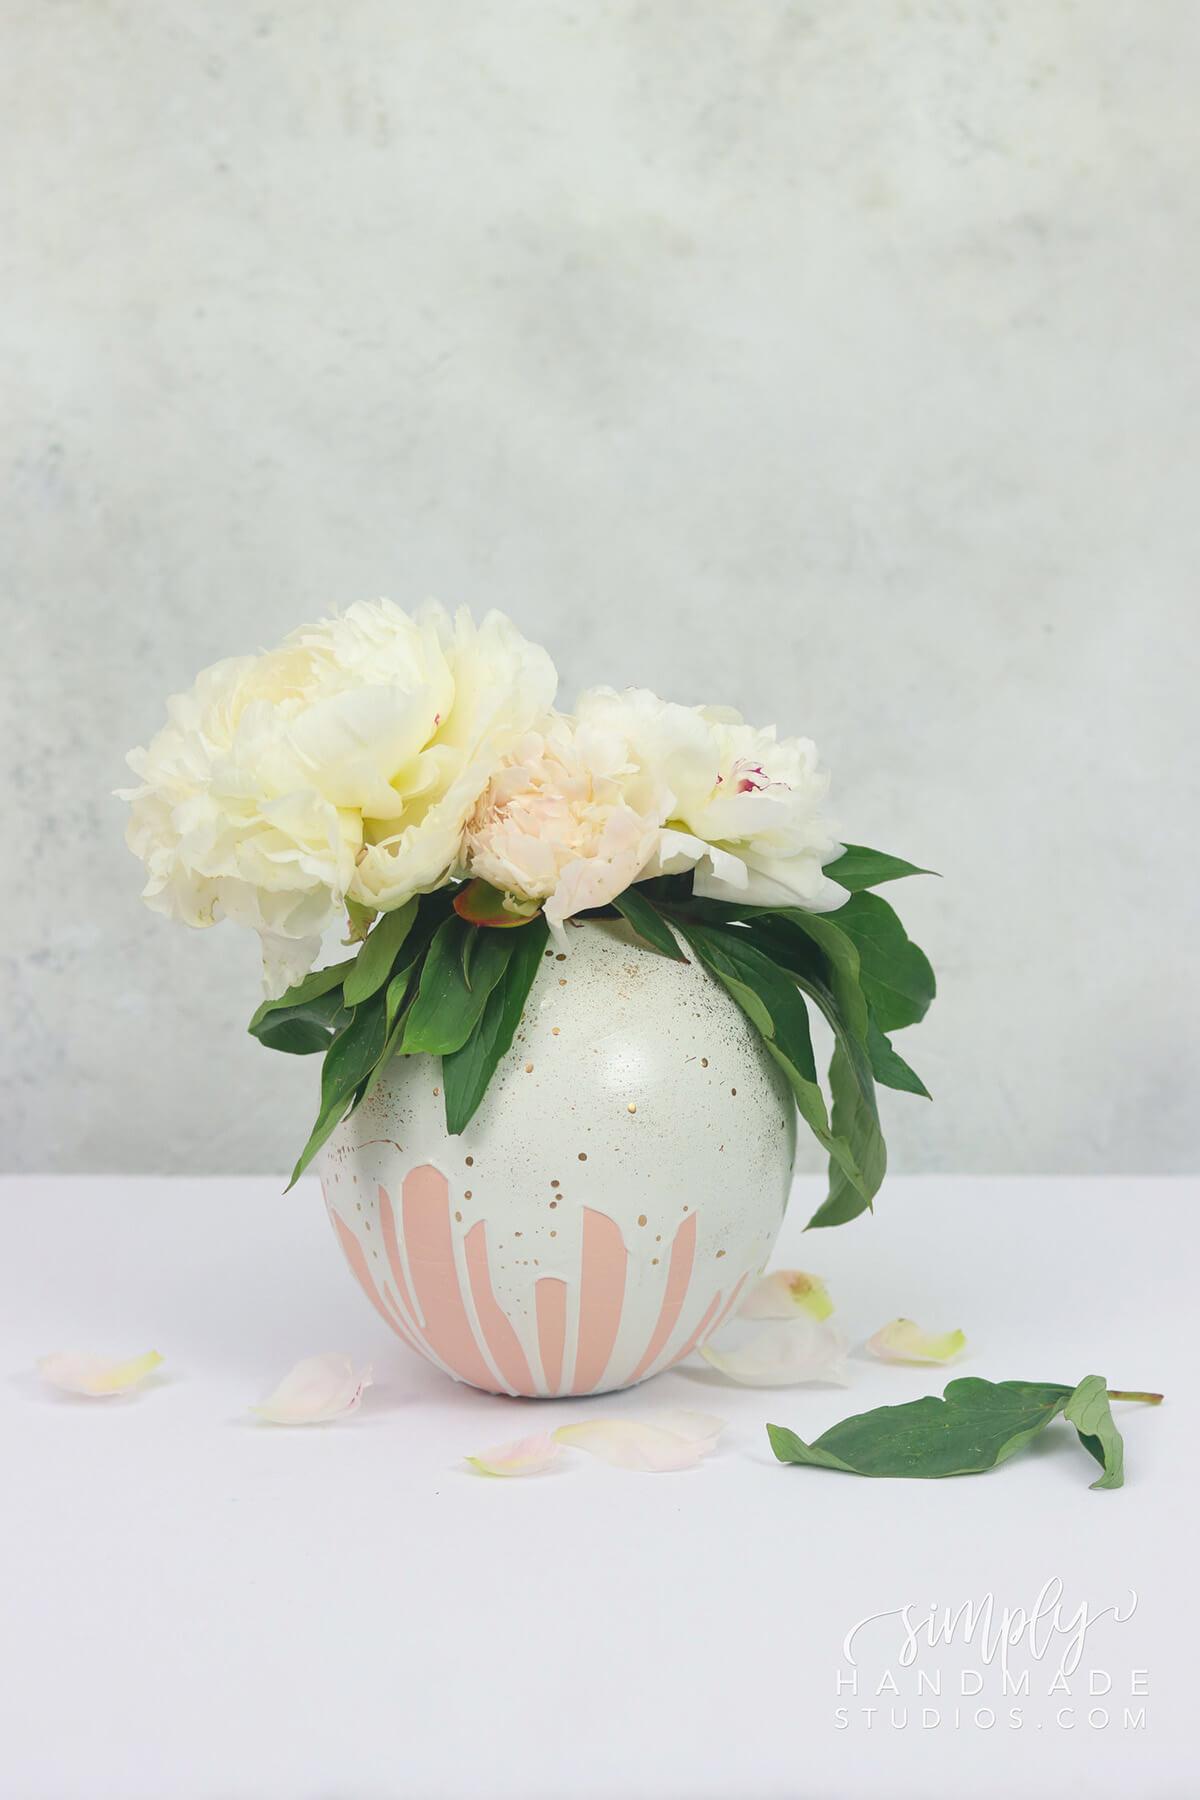 Cute Handmade Plaster Flower Vase